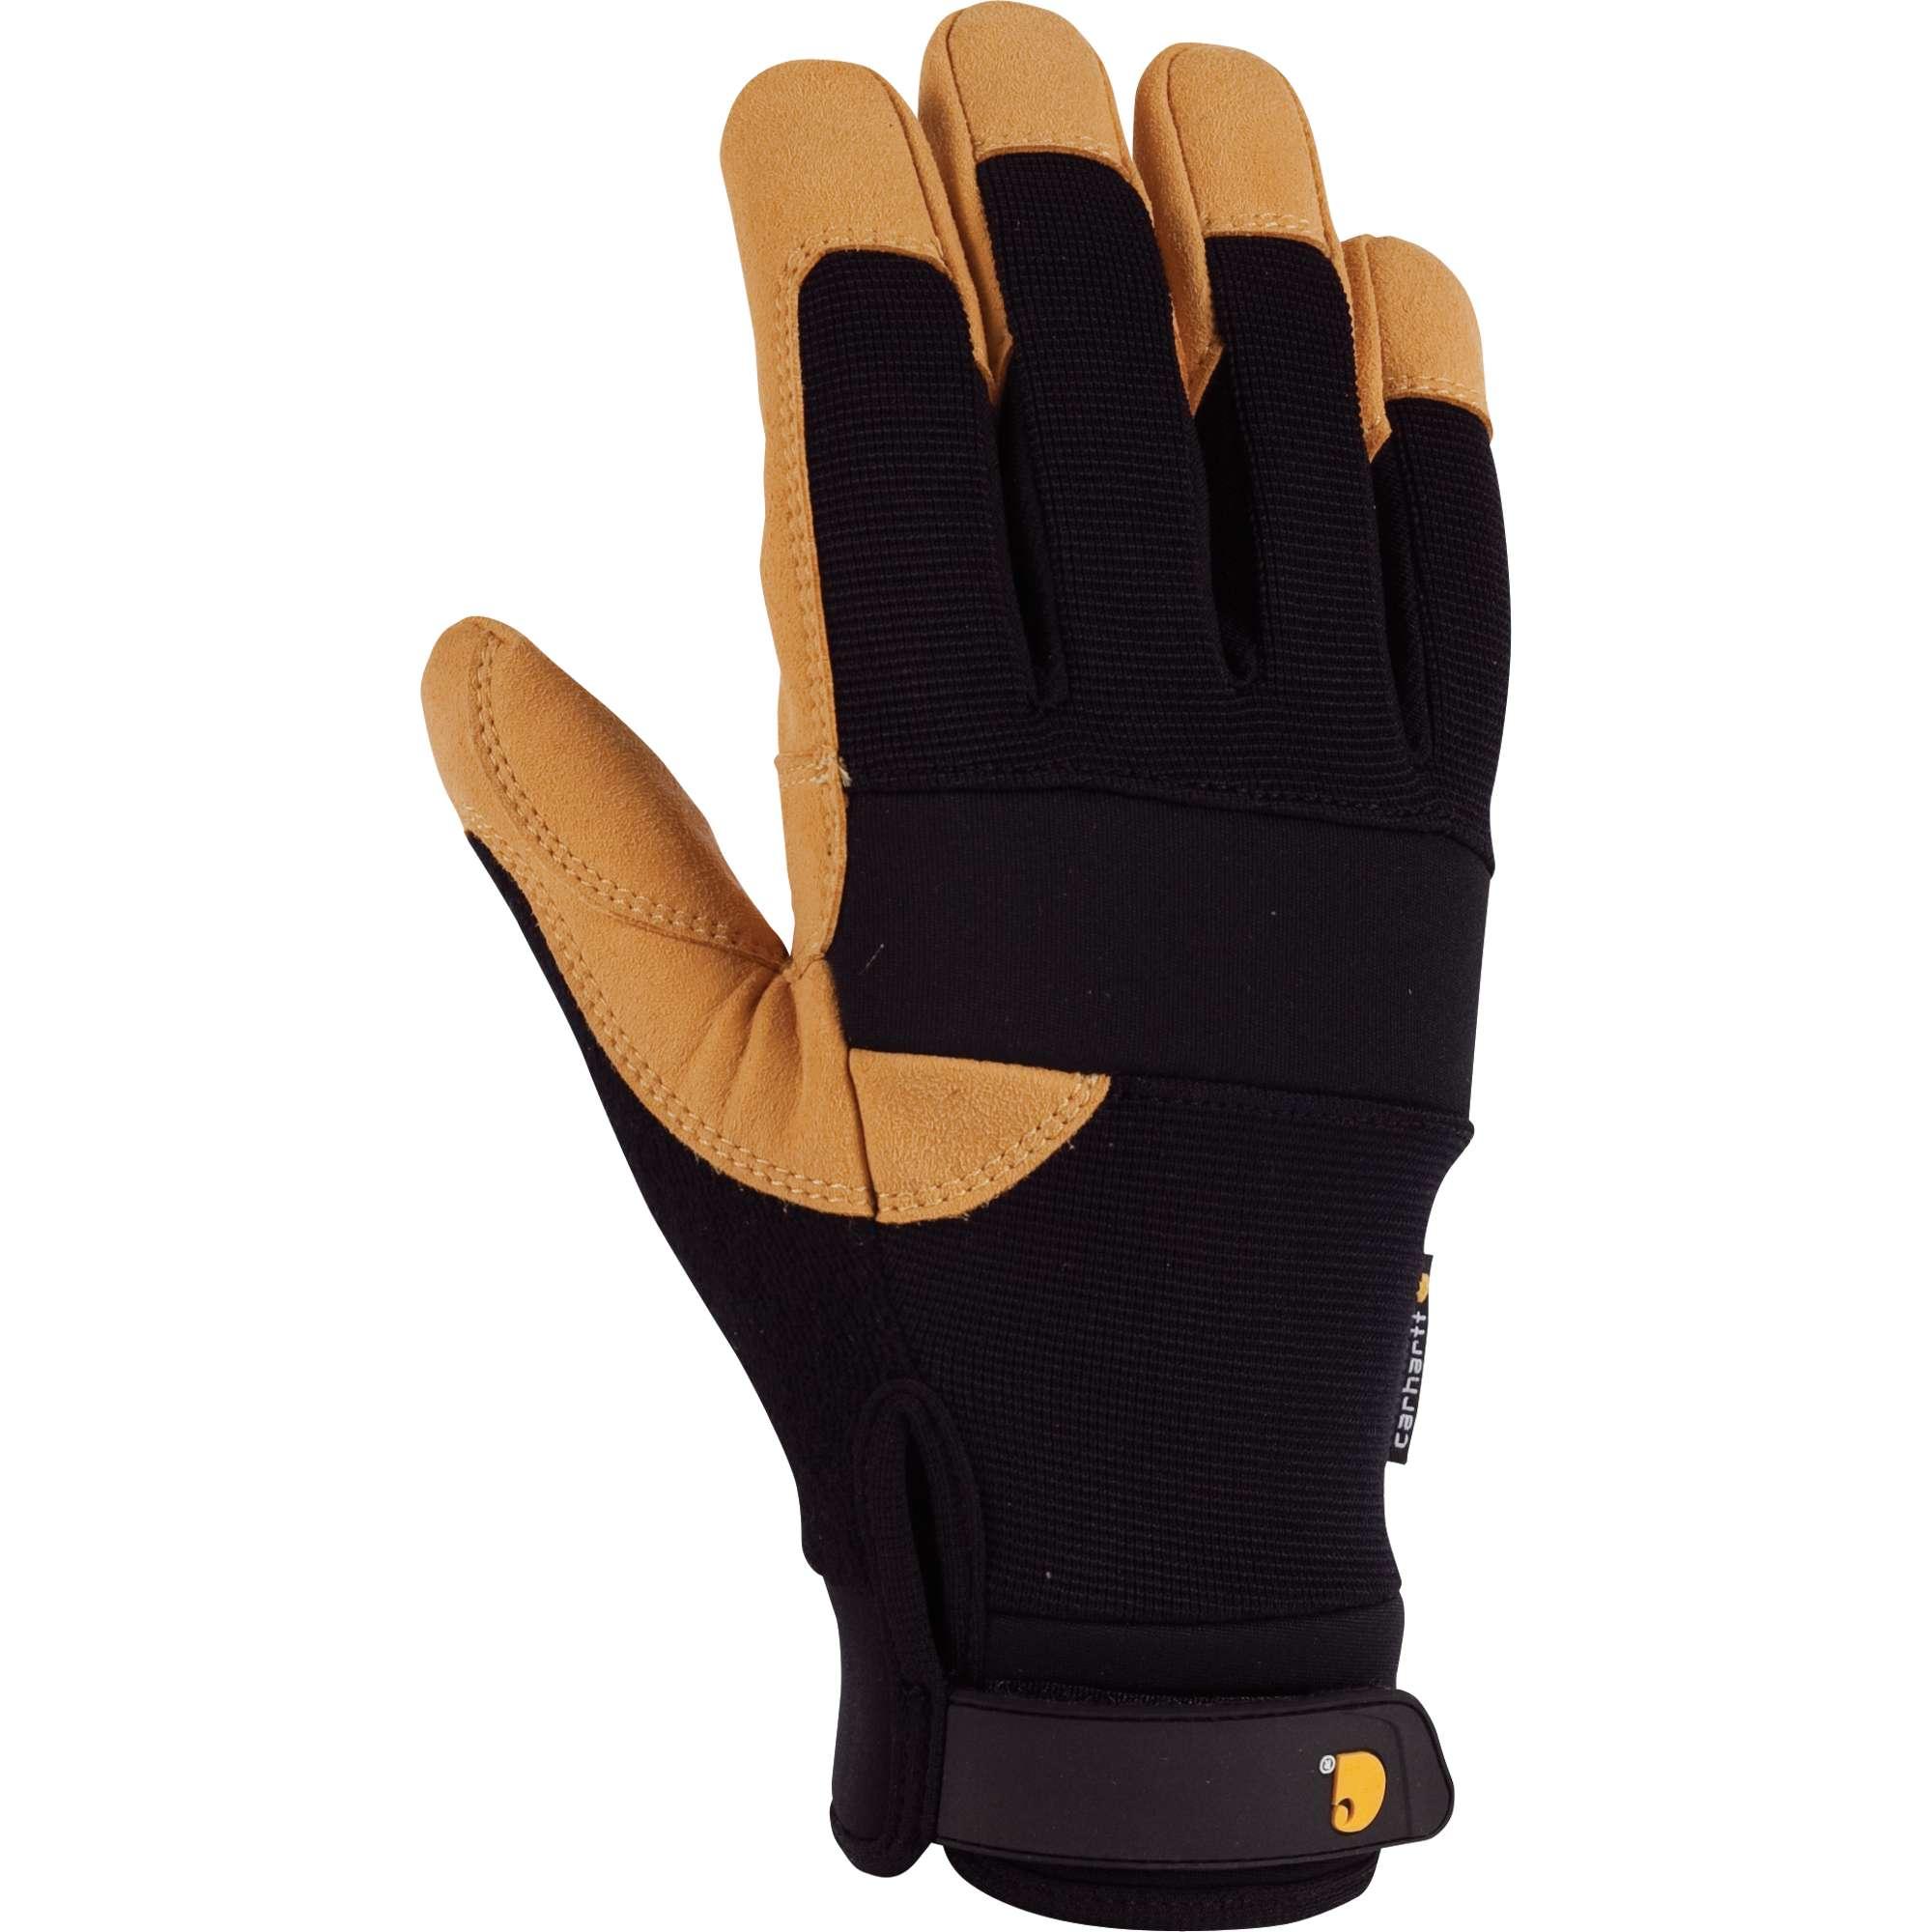 Carhartt Flex Tough Glove